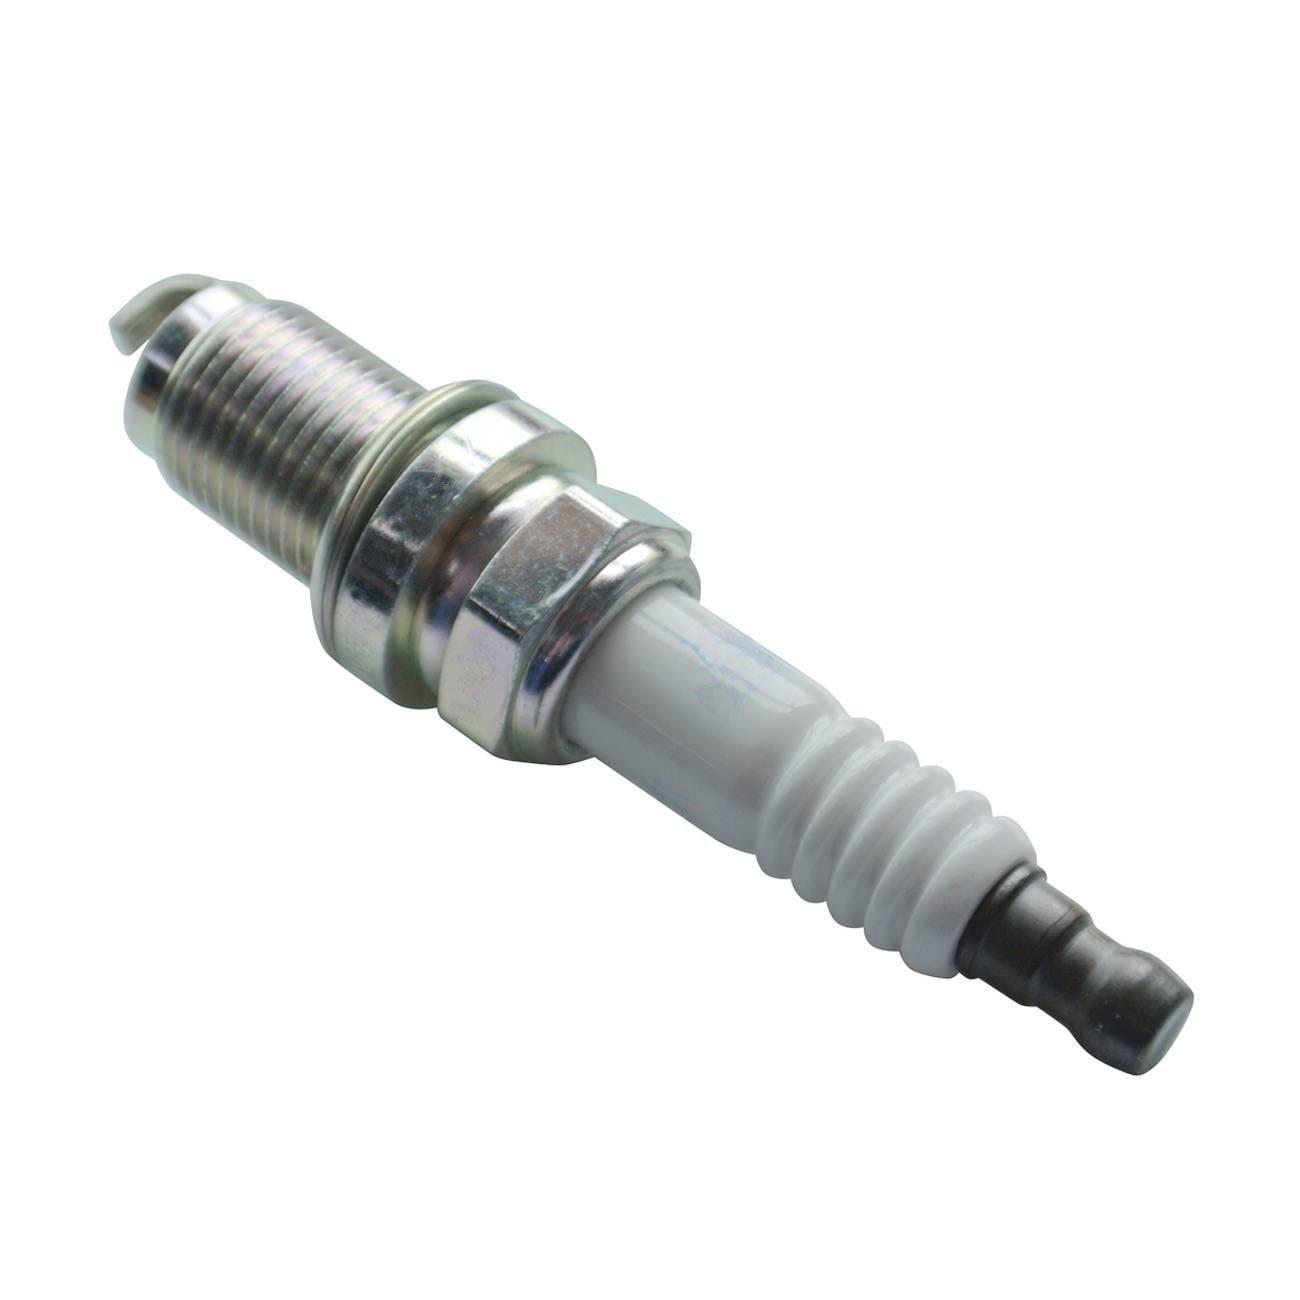 6 Tóner Iridio bujía para Honda Civic 5266 IZFR6 K-11S 9807b-561bw: Amazon.es: Coche y moto